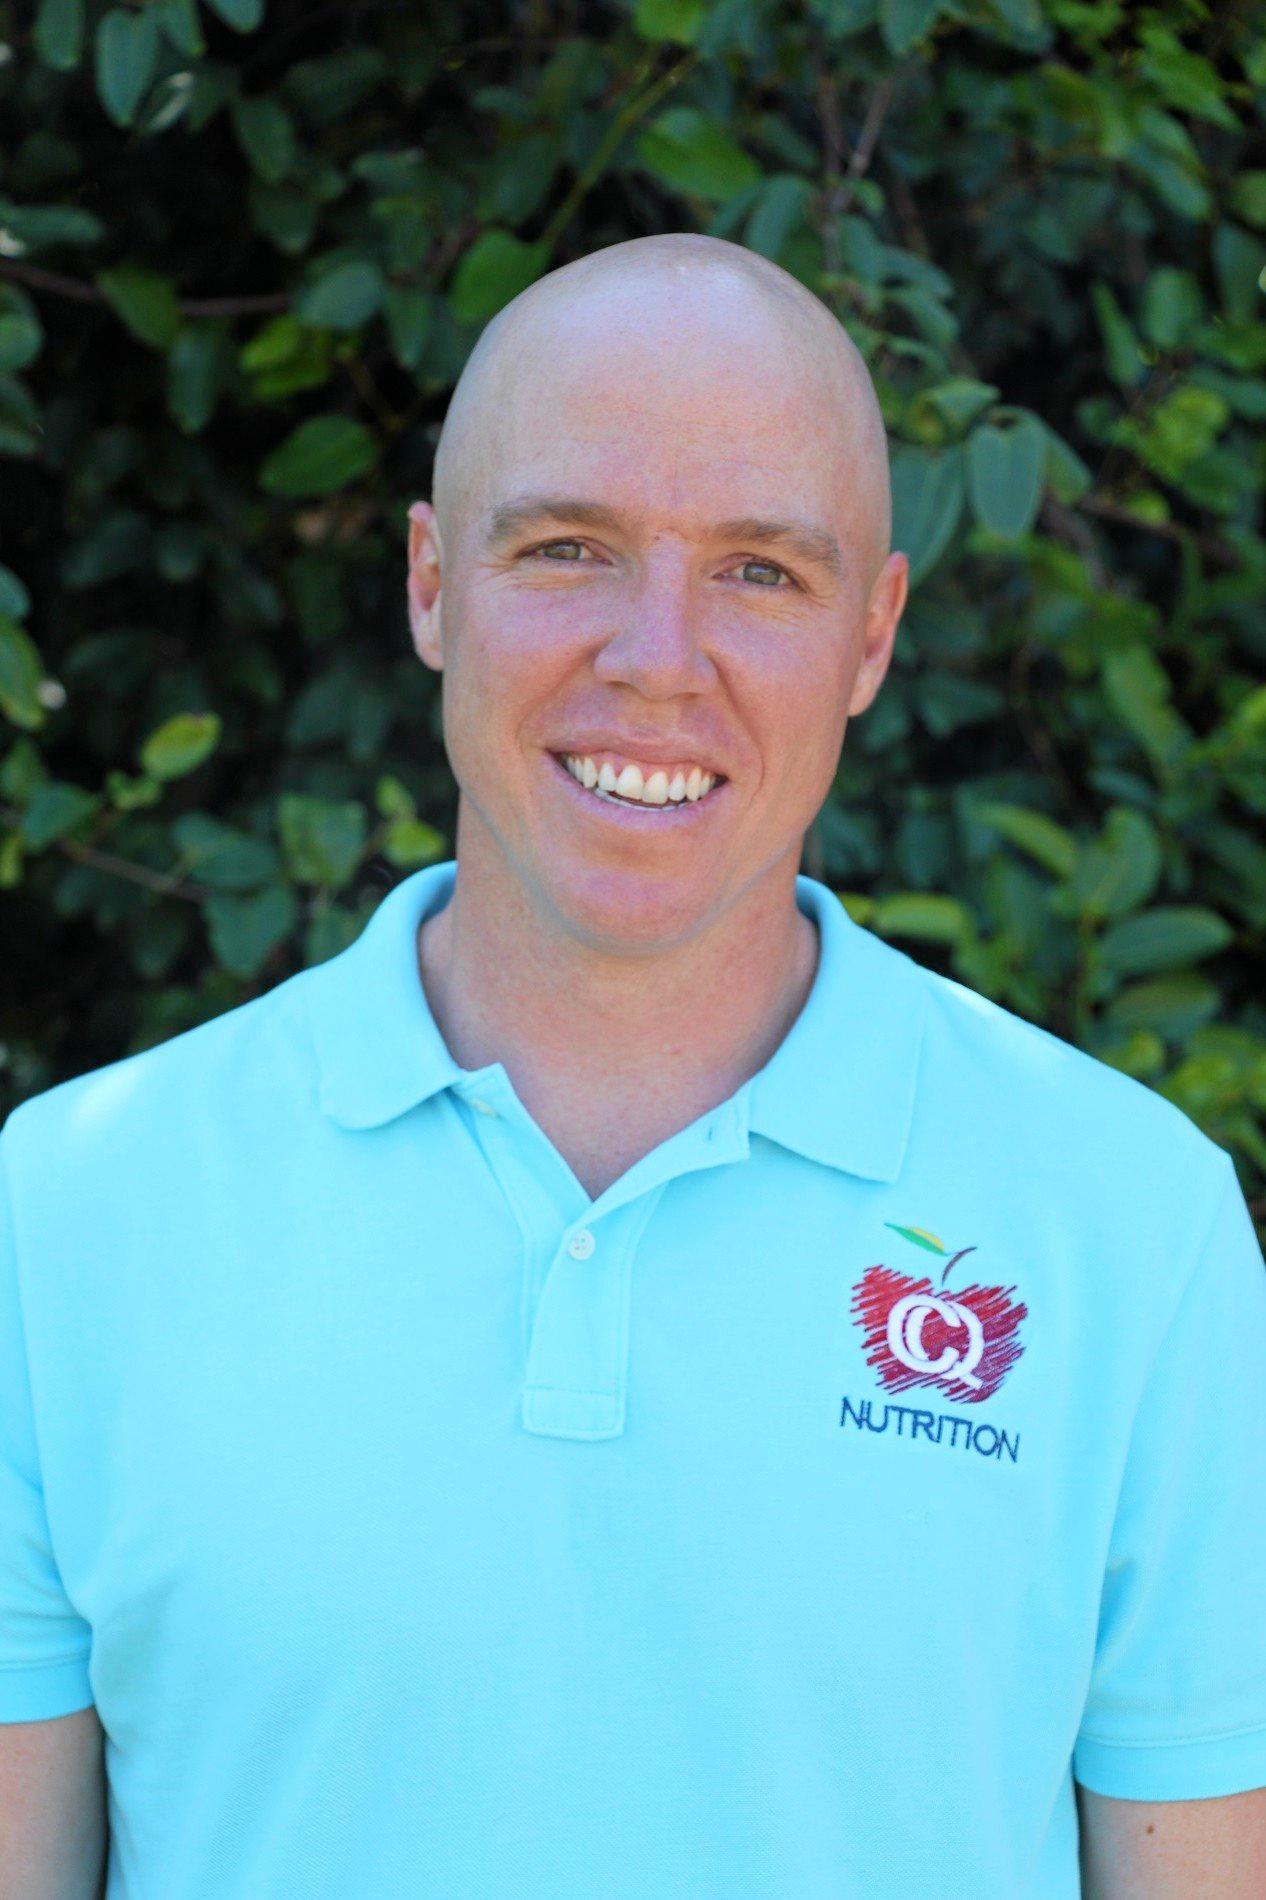 CQ Nutrition Dietitian Chris Hughes.